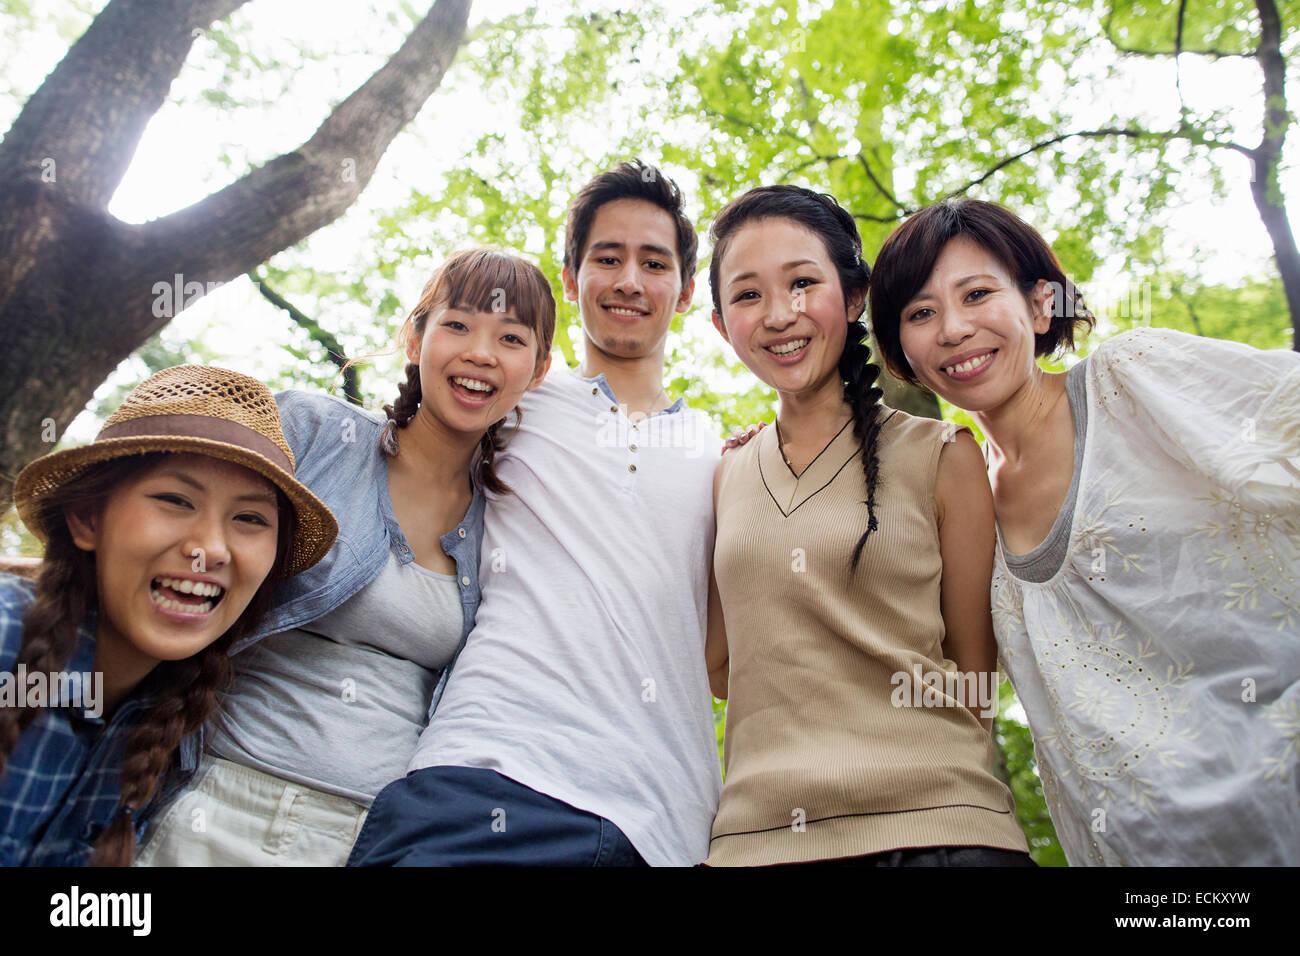 Gruppe von Freunden auf eine Party im Freien in einem Wald. Stockbild